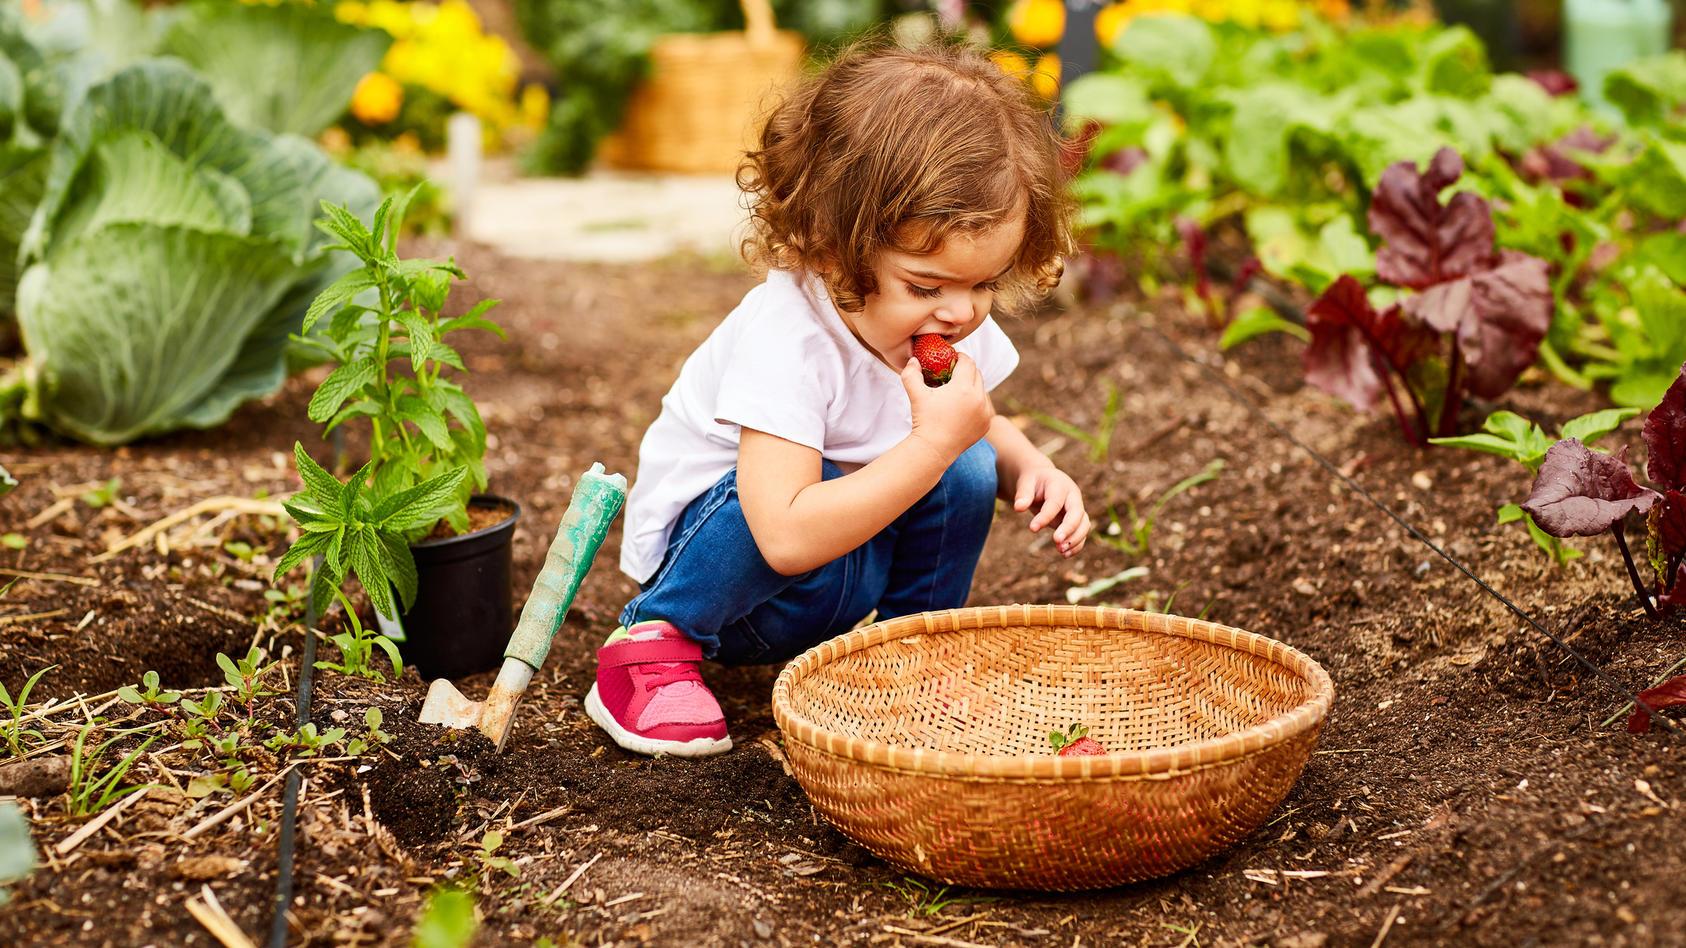 Fleischlose Ernährung bei Kindern kann Auswirkungen auf das Wachstum haben.